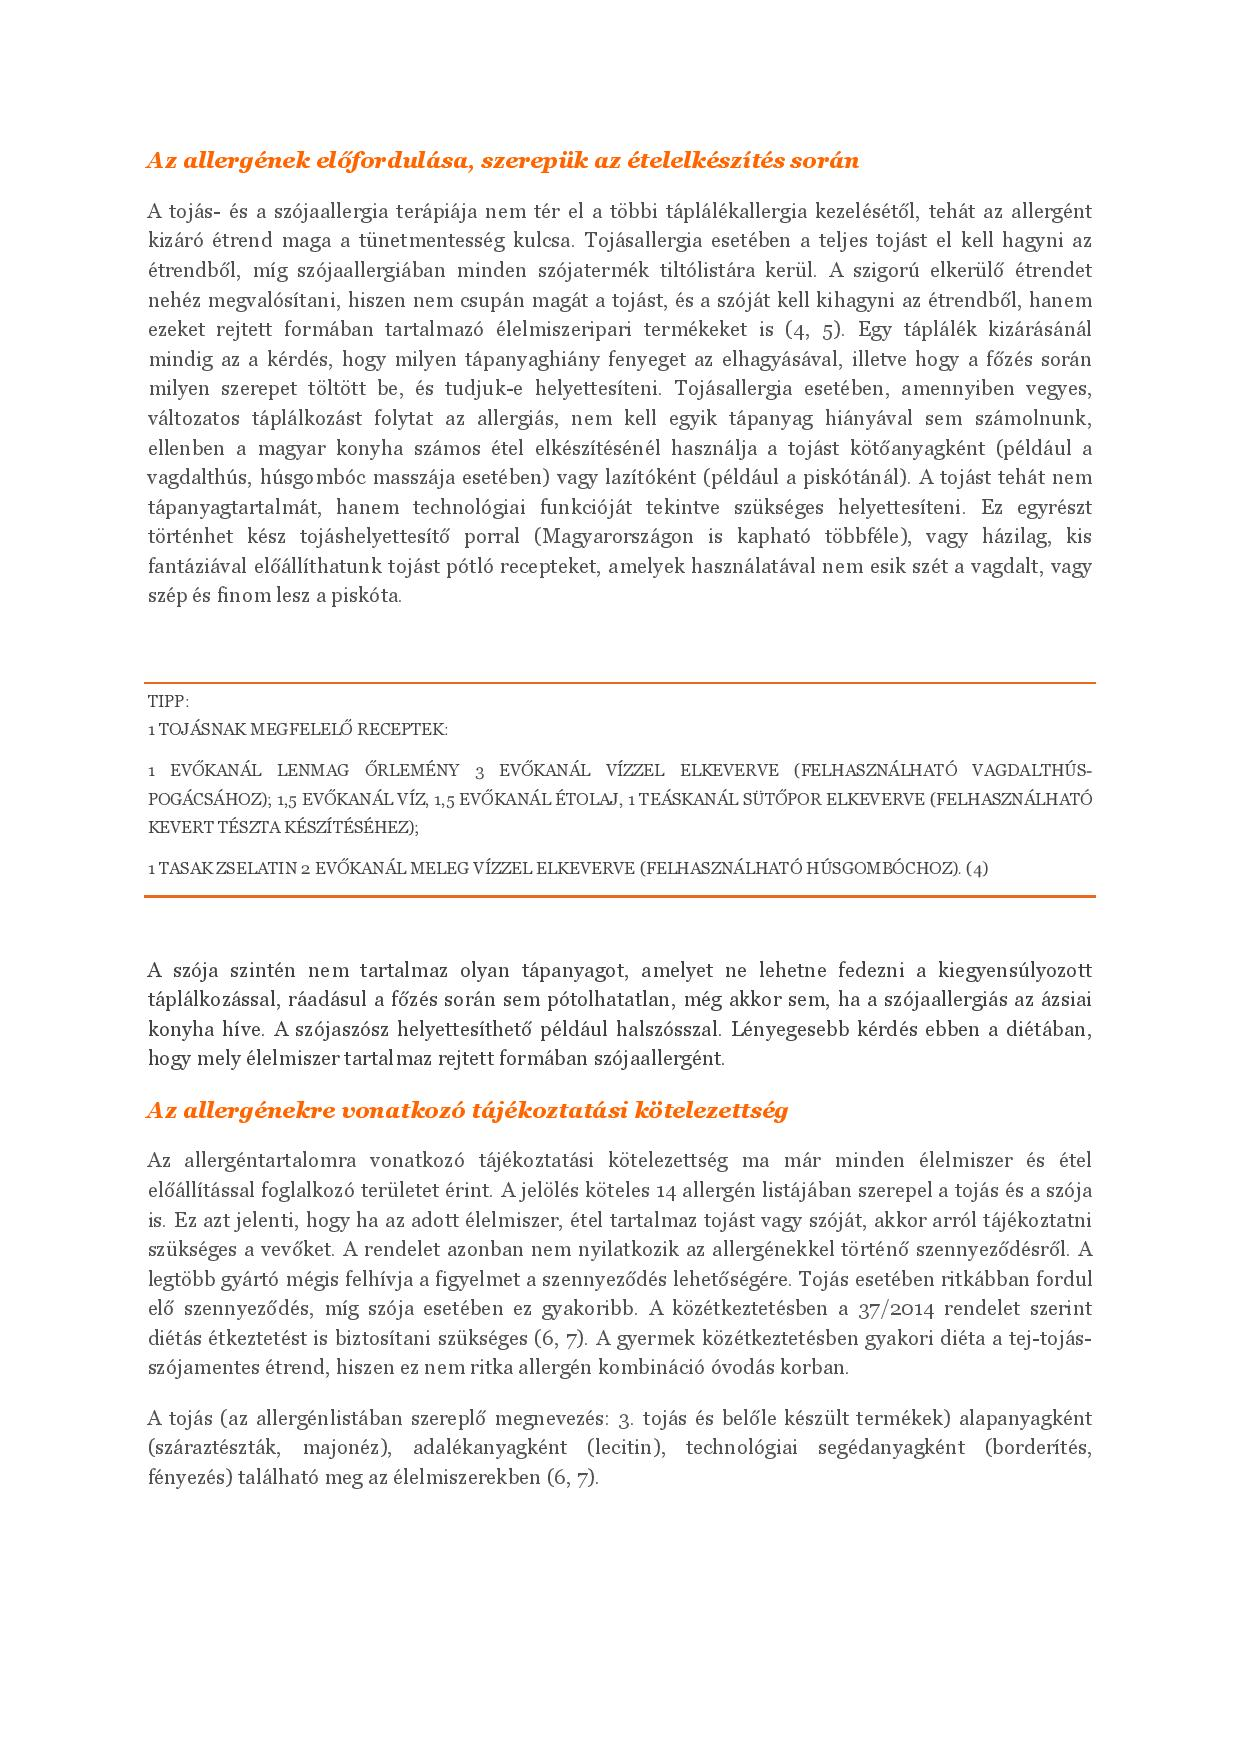 taplalkozasi_akademia_2016_02_tojas-_szojaallergia_160225-page-003